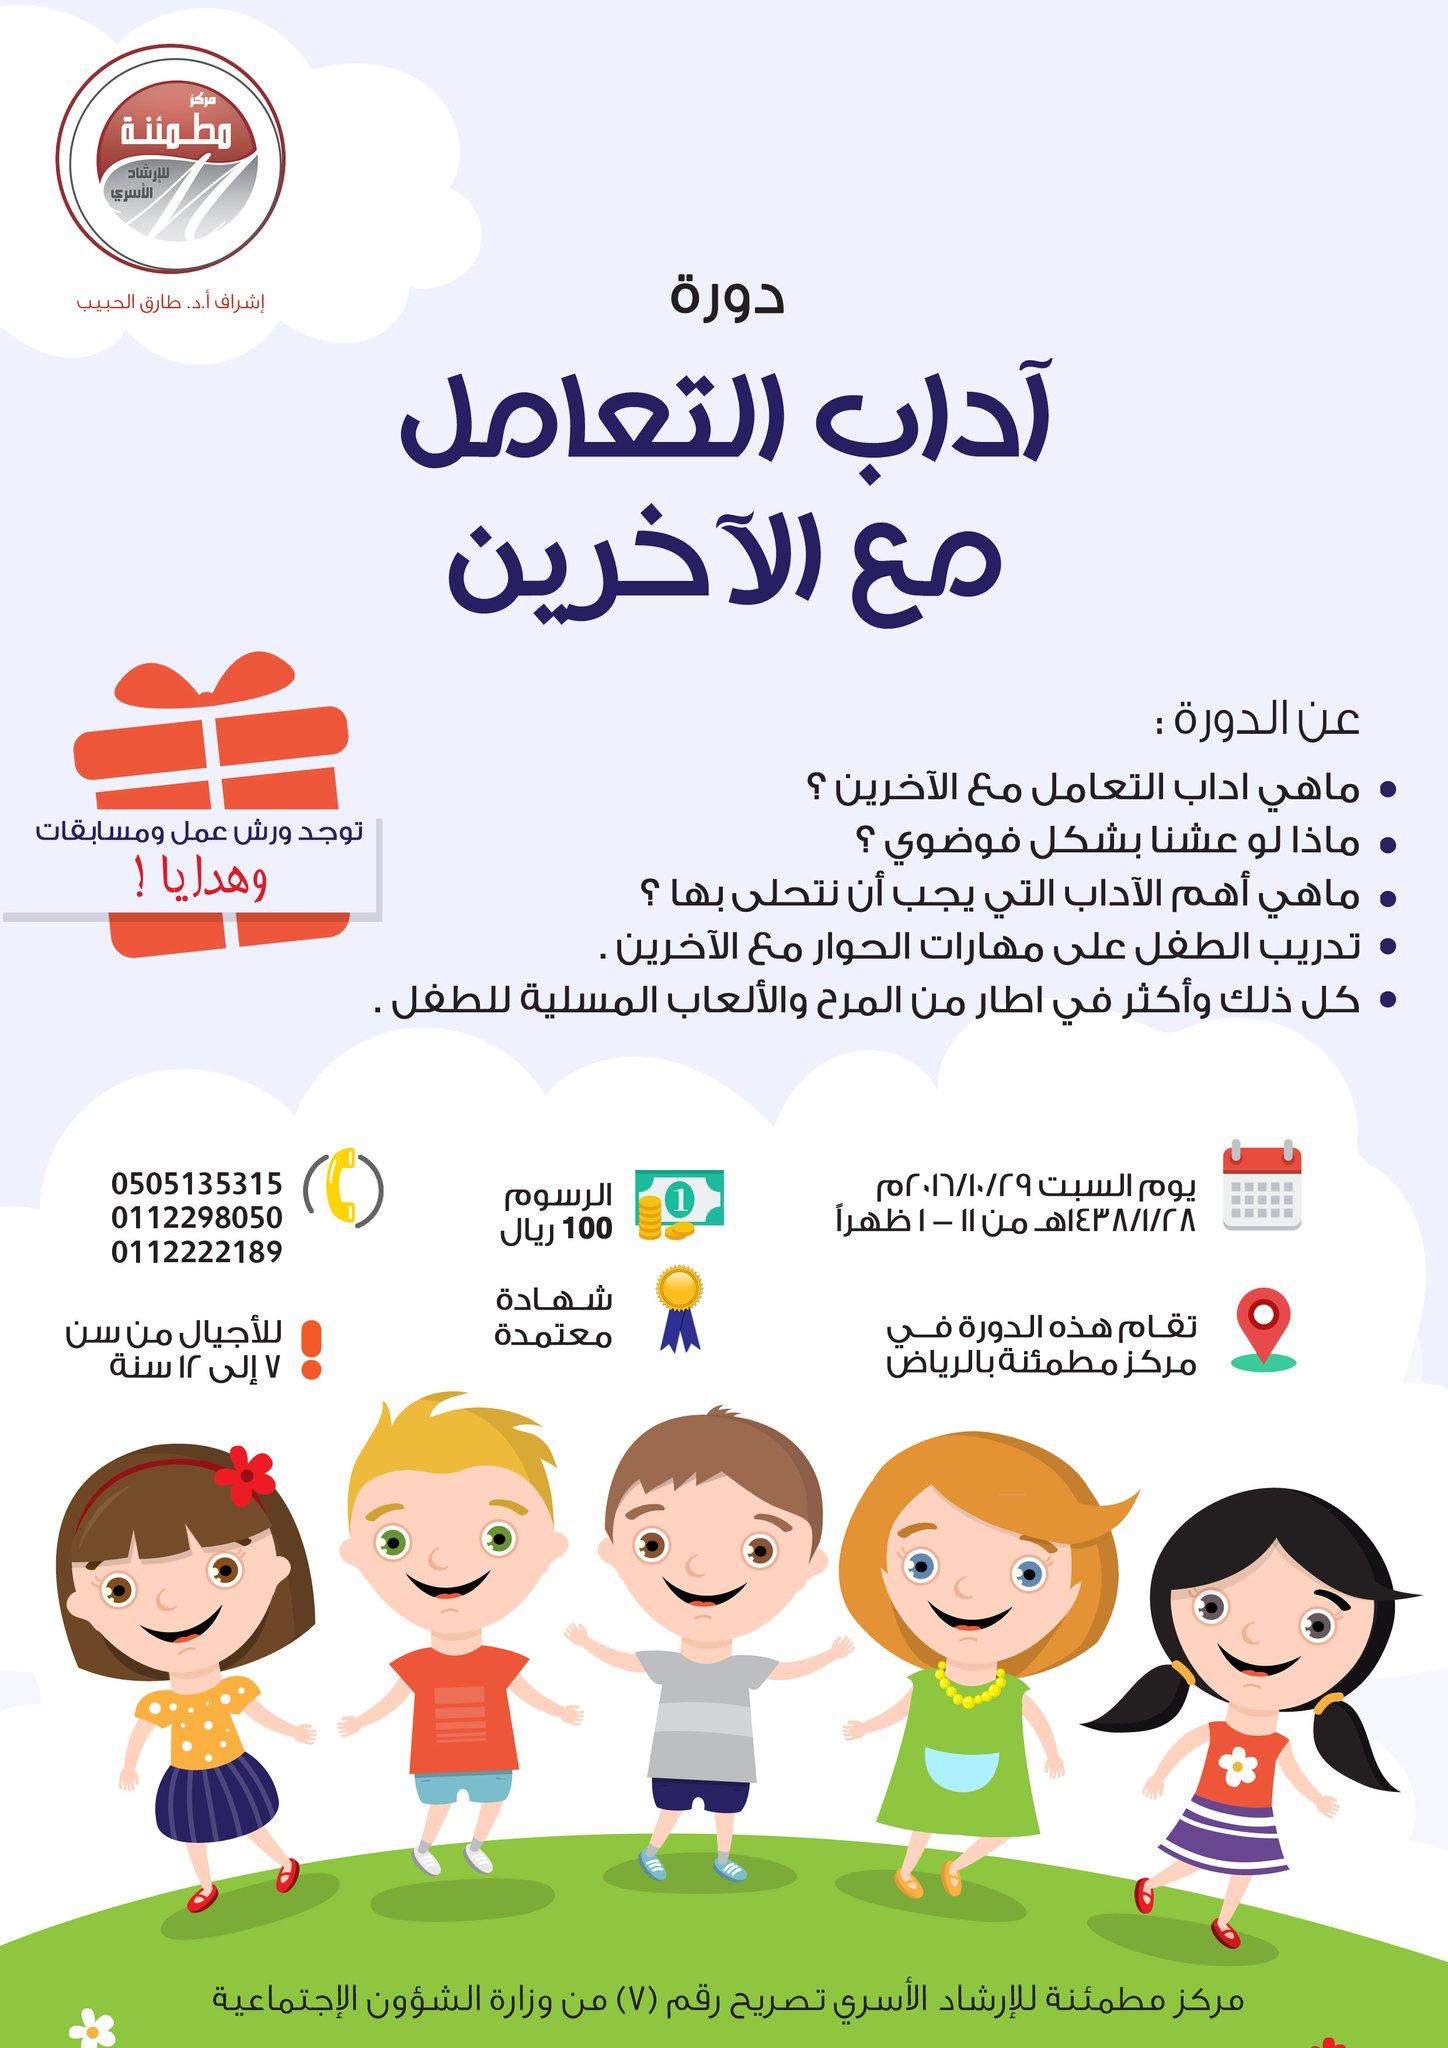 مركز مطمئنة No Twitter شارك في تنمية مهارات طفلك في التعامل مع الأخرين بحضوره دورة أداب التعامل مع الأخرين للأطفال في مطمئنة الرياض مع شهادة معتمدة Https T Co El0qcb2ct7